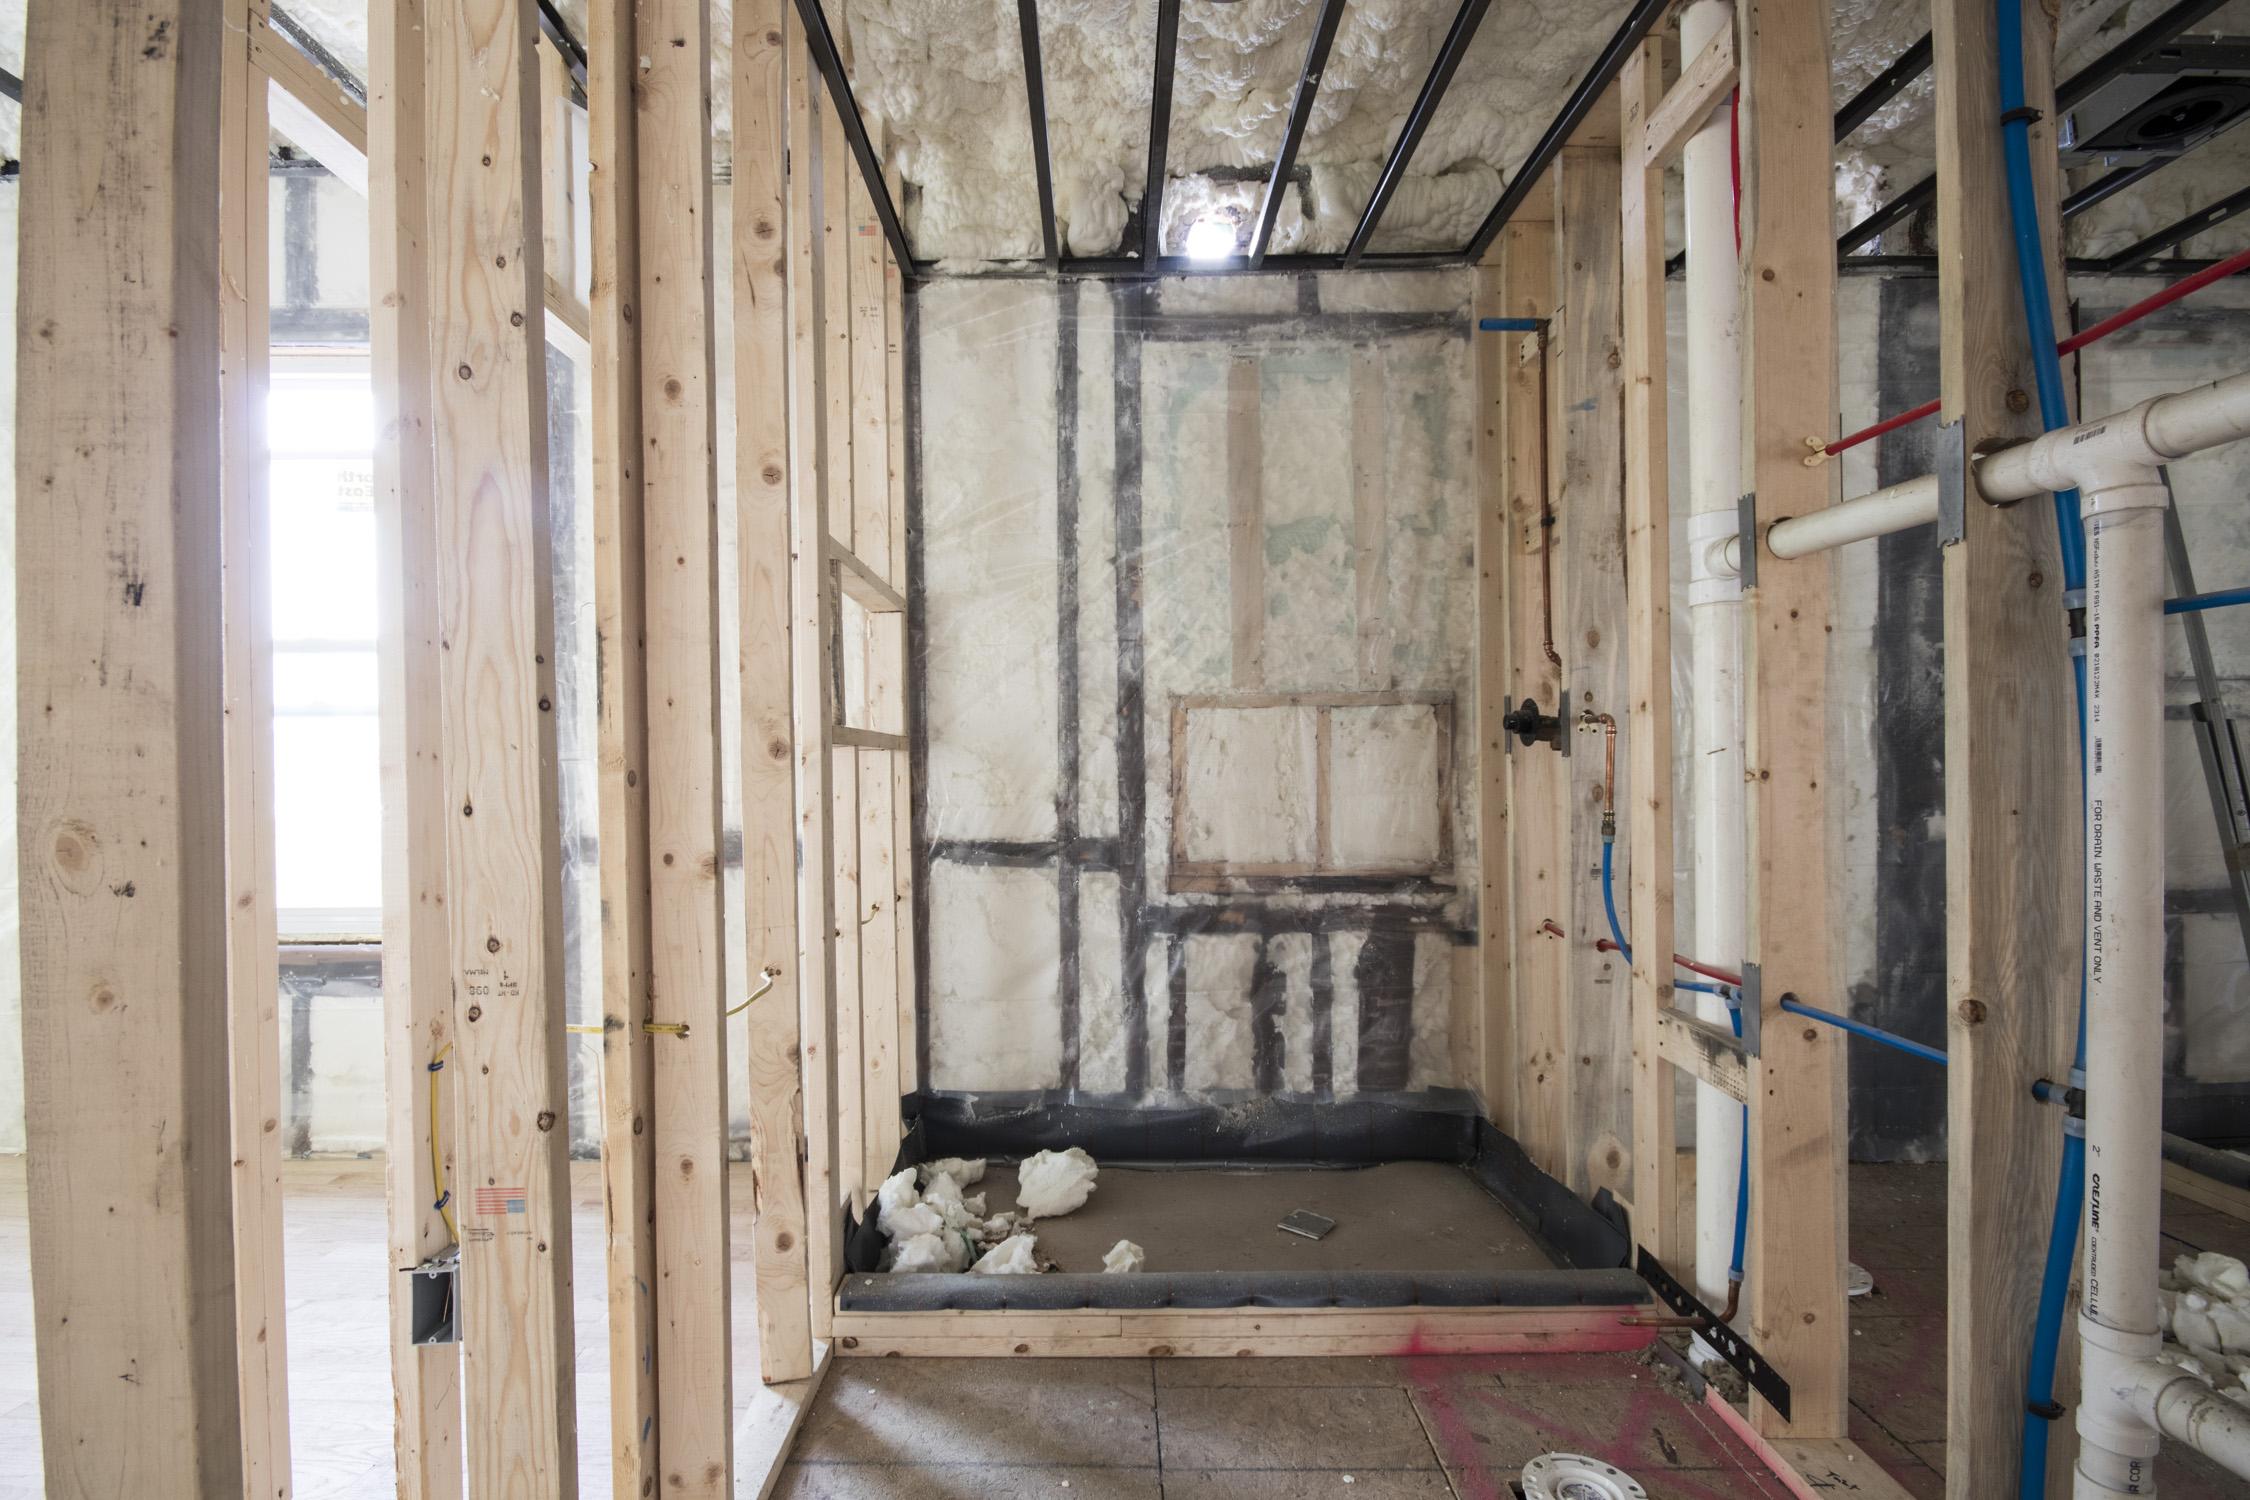 25 Darling Street Boston General Contractor P Northeast Contractors_140